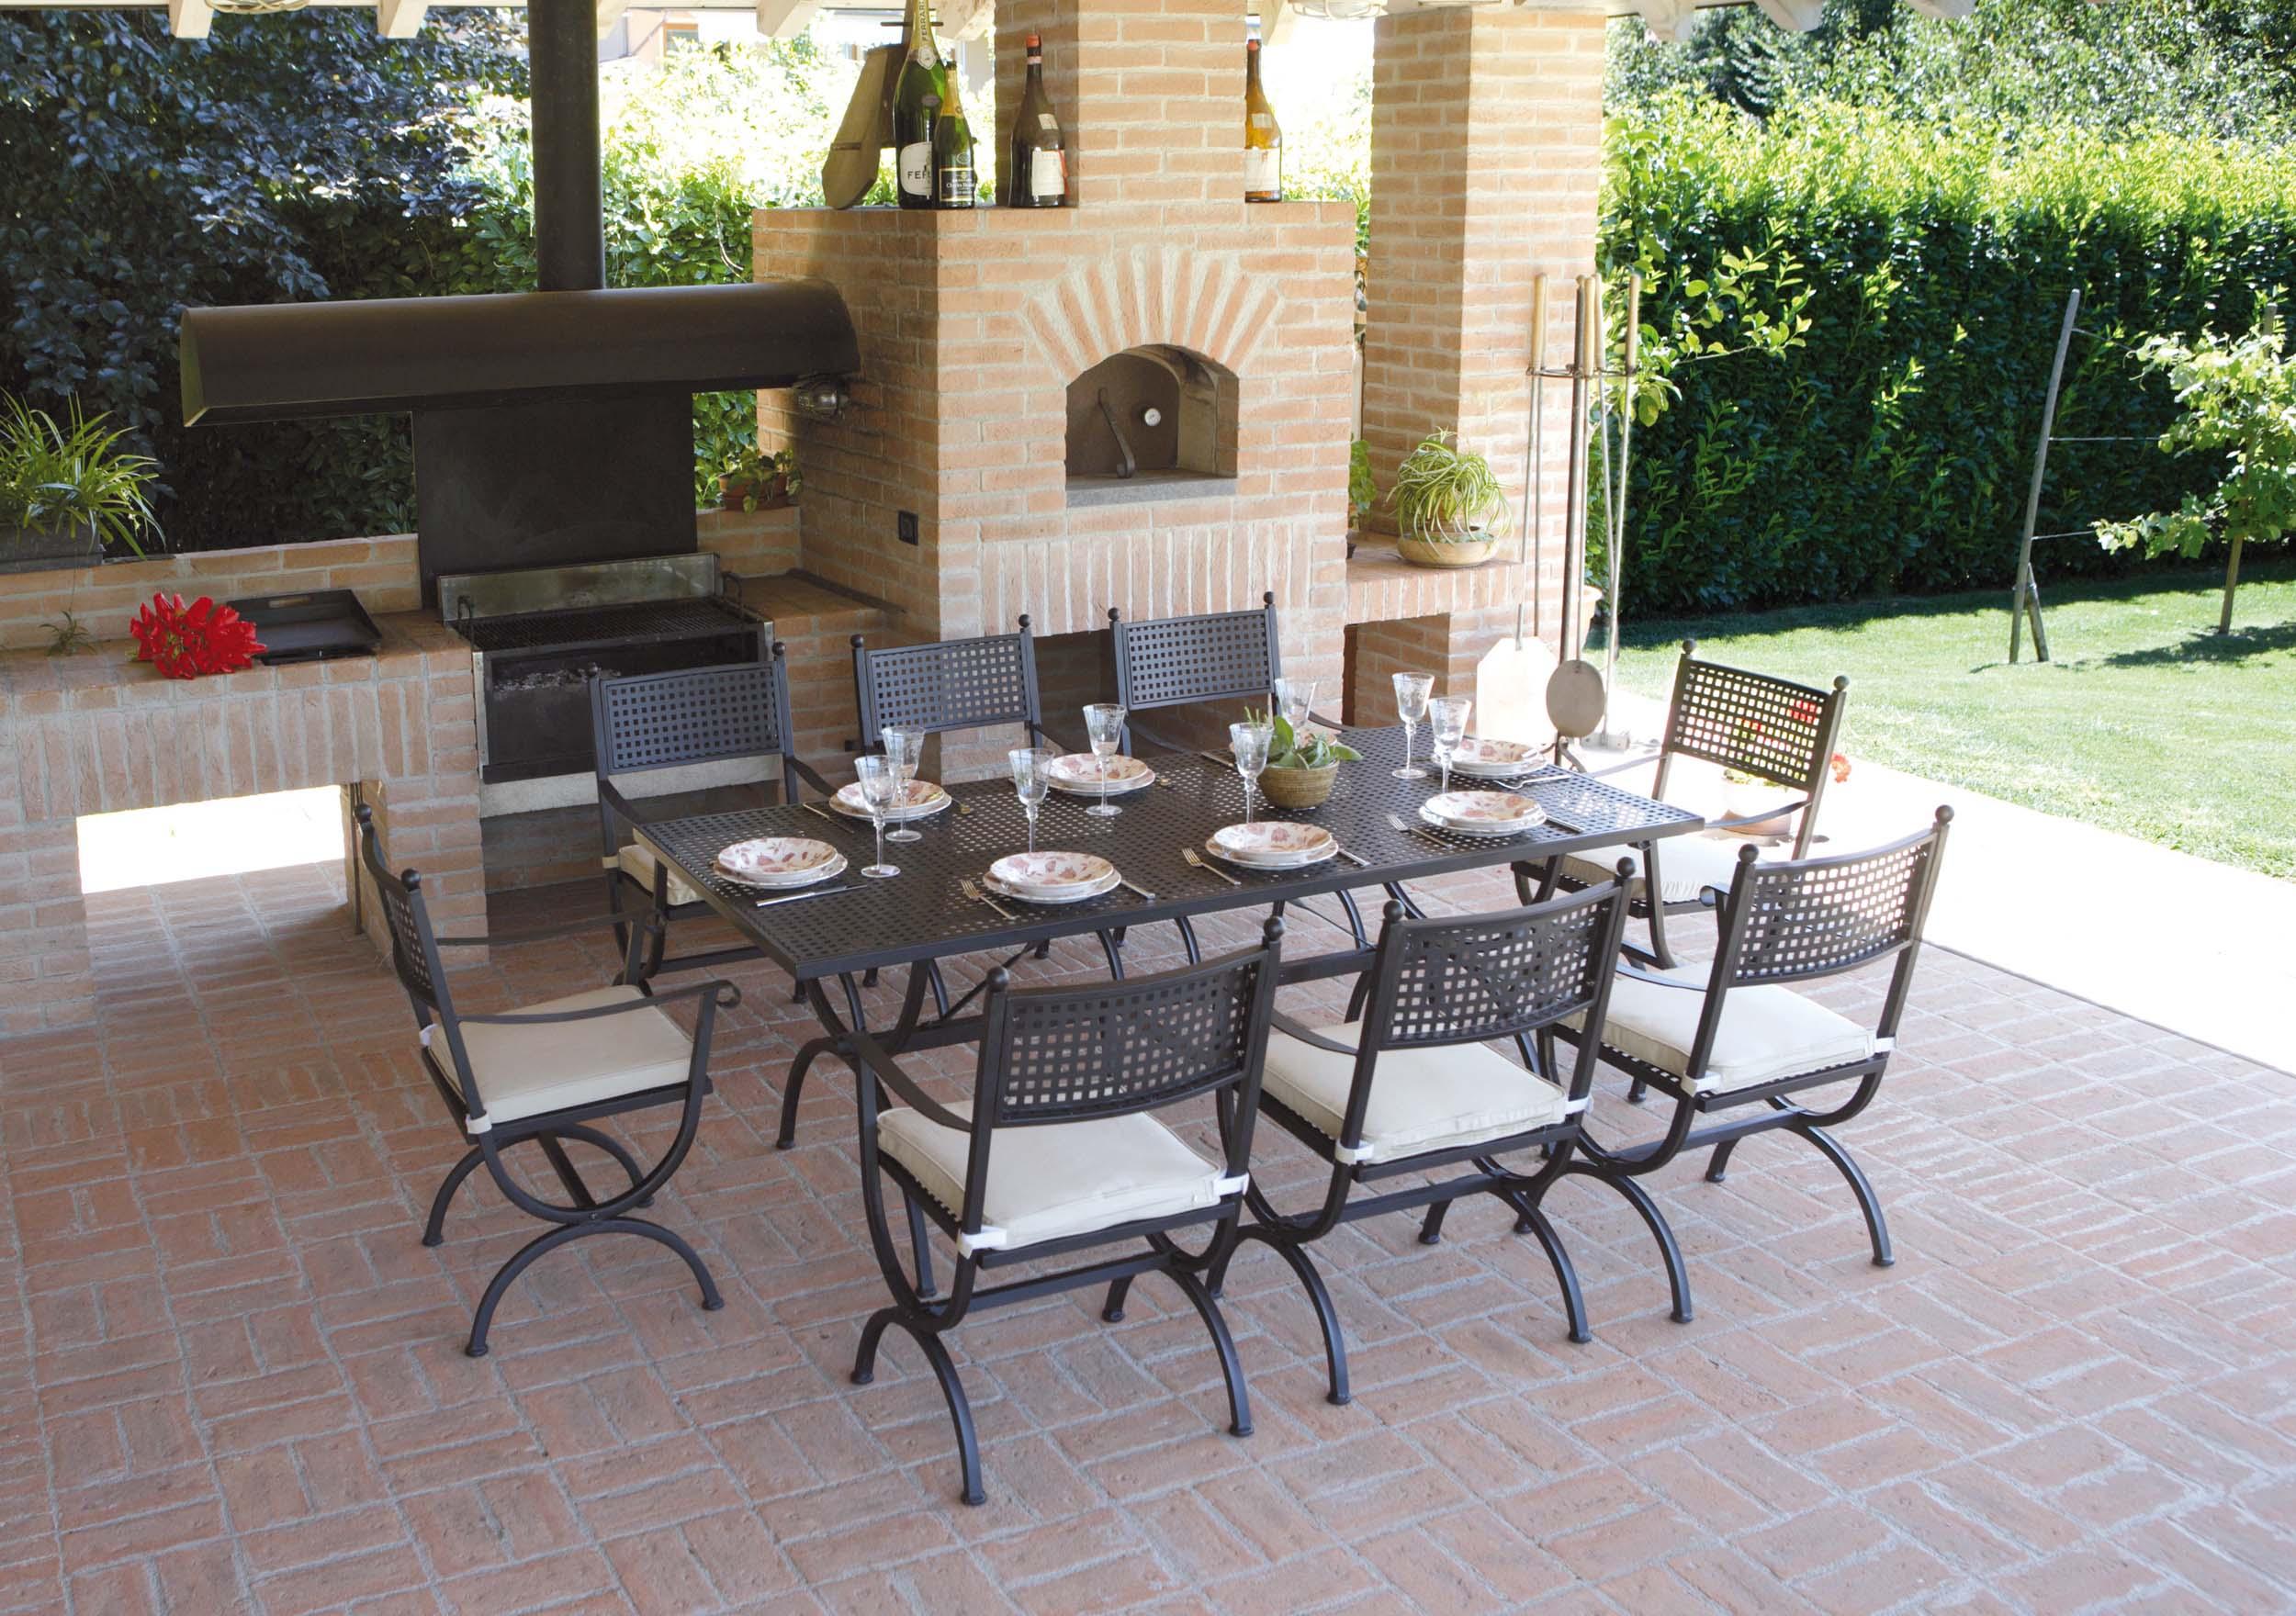 Lugano arredo giardino ercole tempo libero for Tavolo ferro esterno